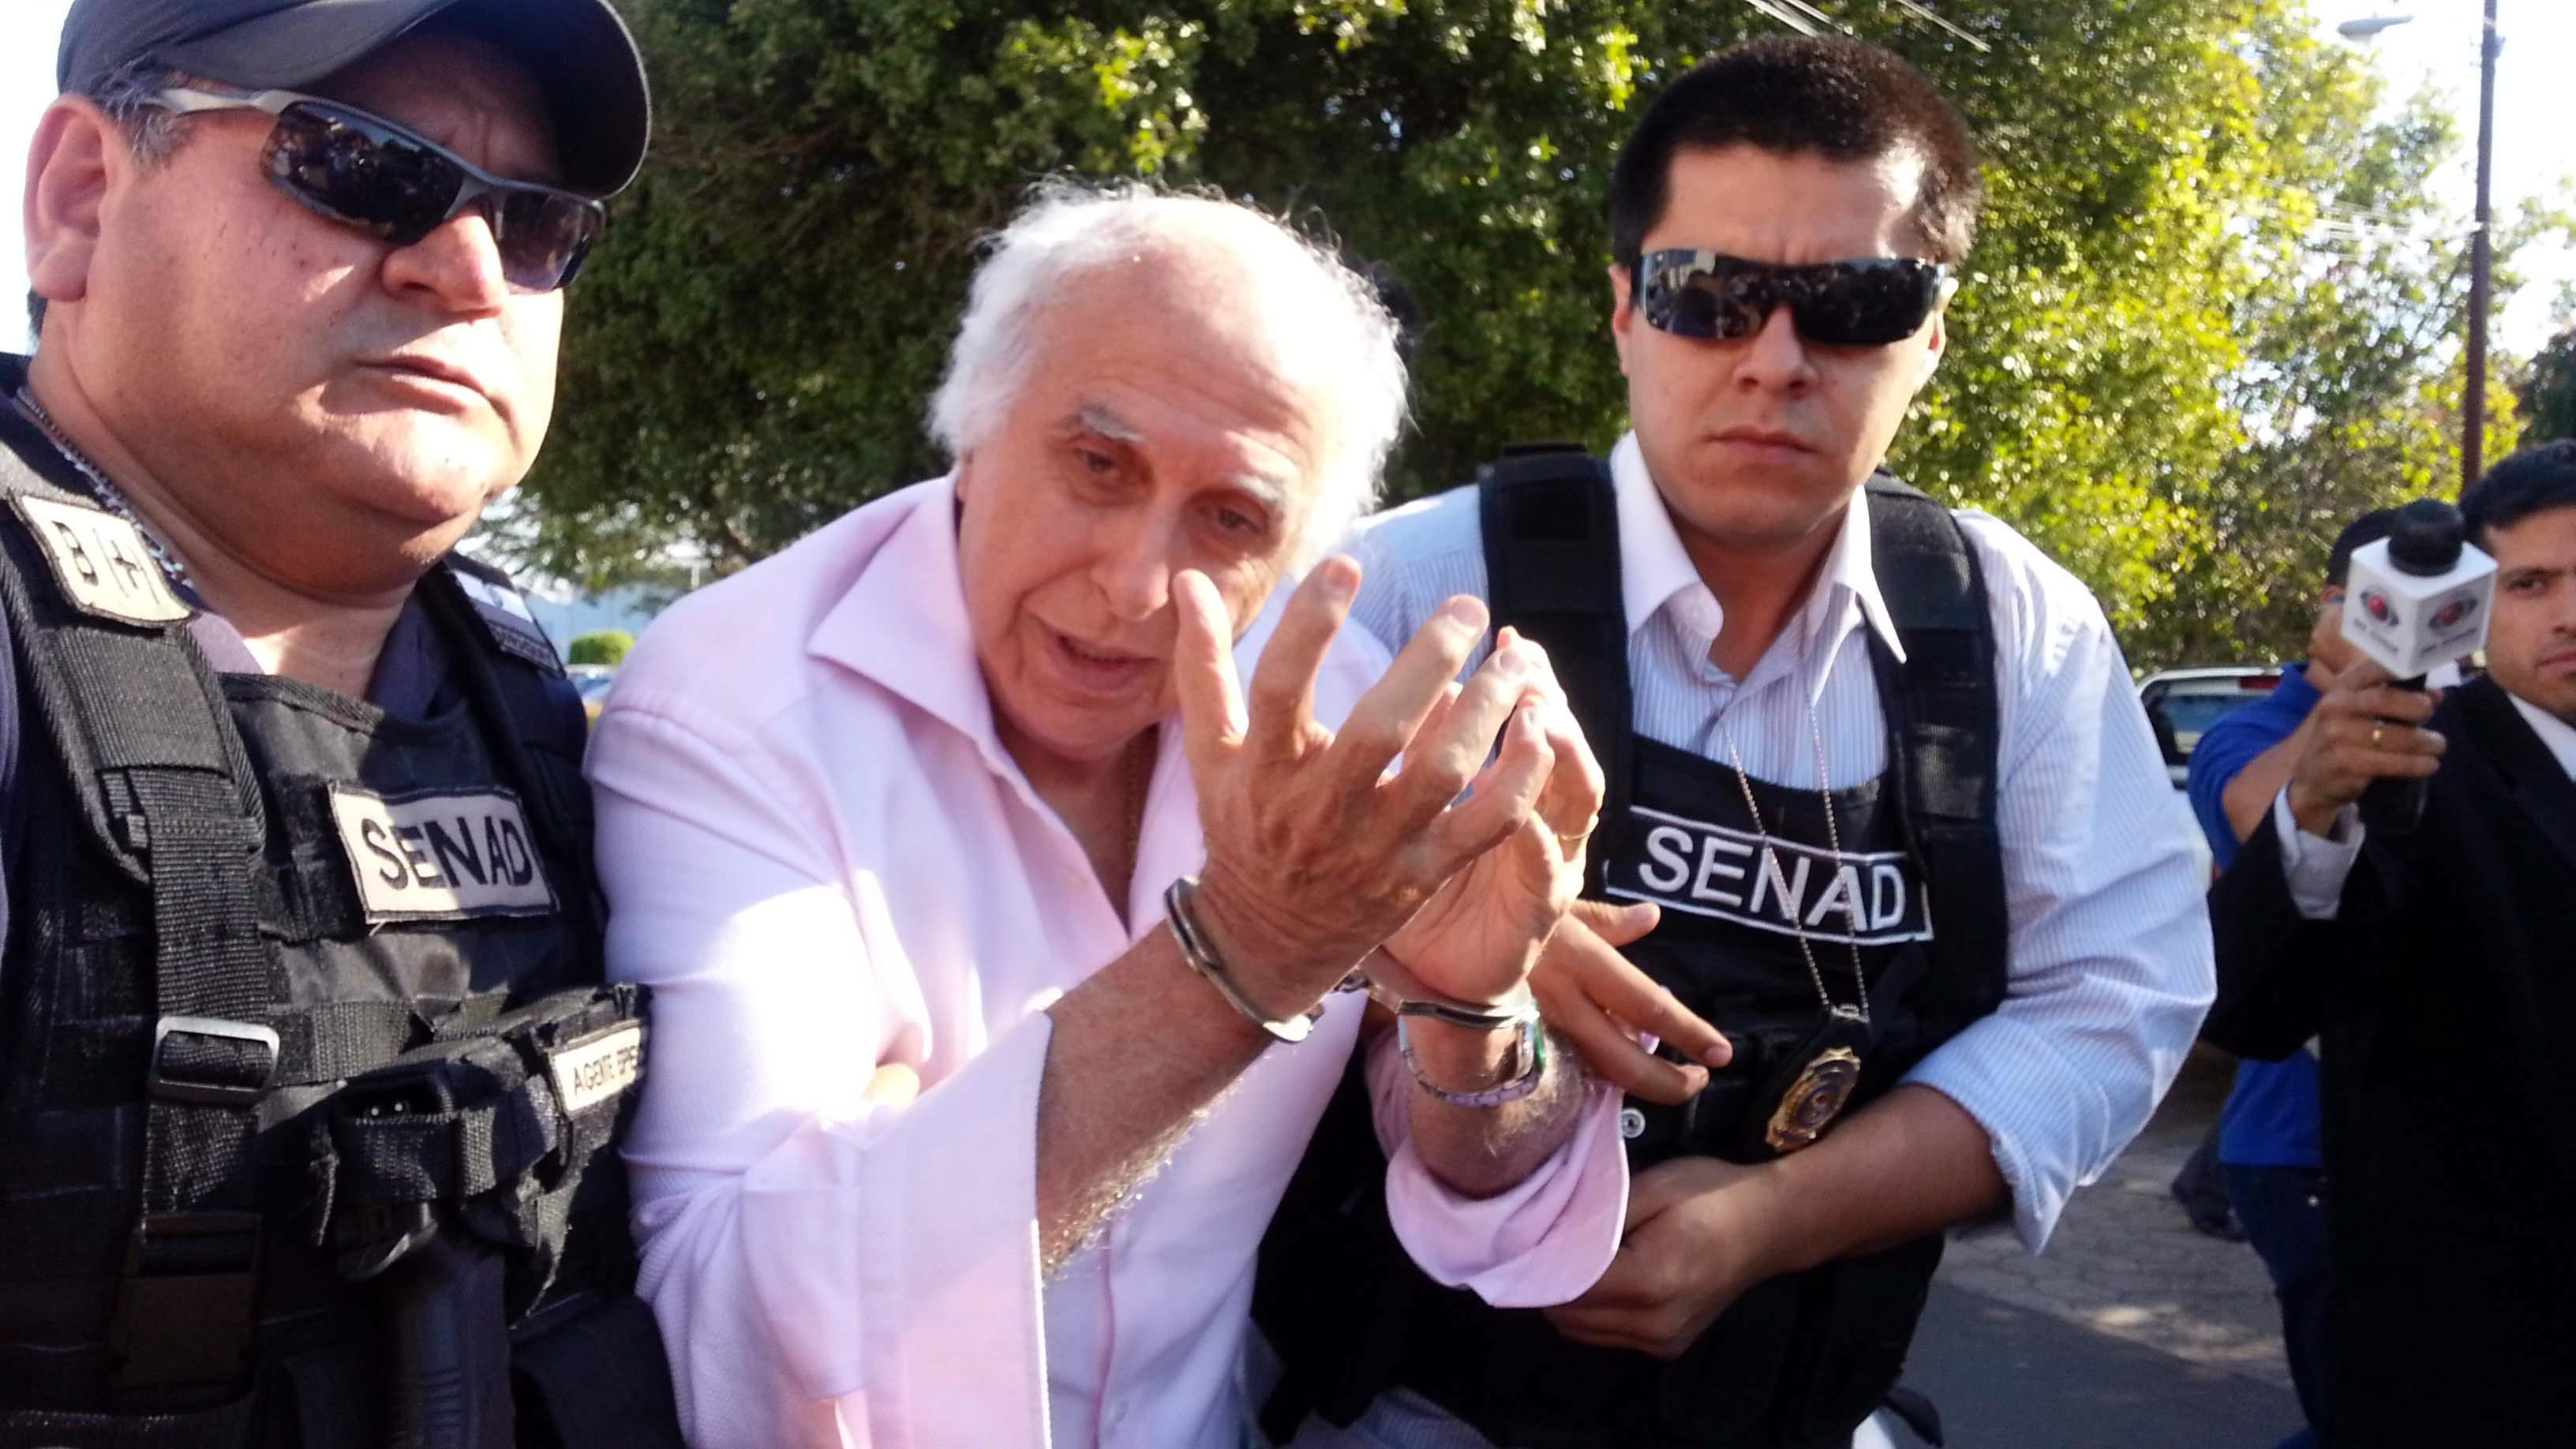 Condenado por estupros, Abdelmassih cumprirá prisão domiciliar